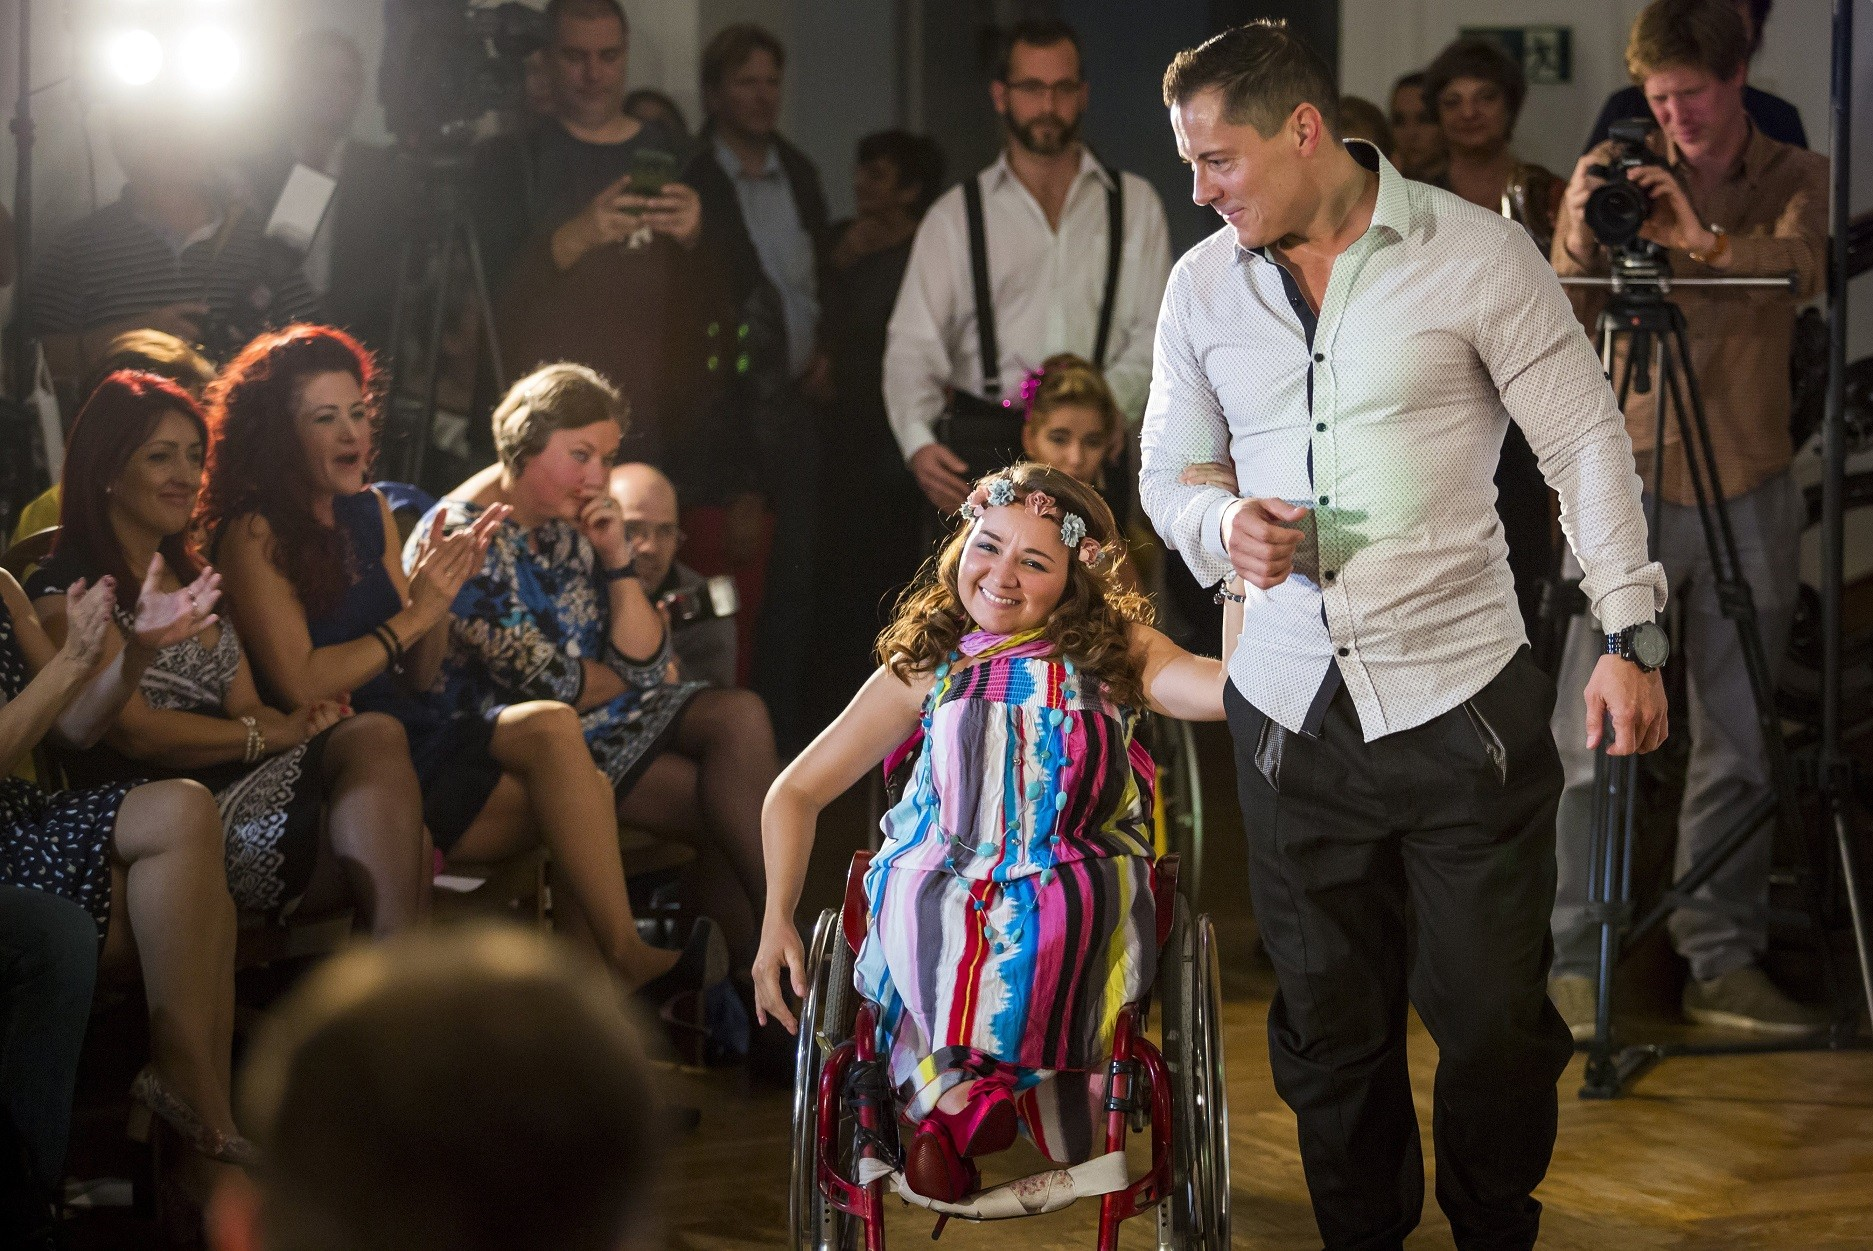 Esélyegyenlőségi divatbemutatót tartottak a Duna Palotában